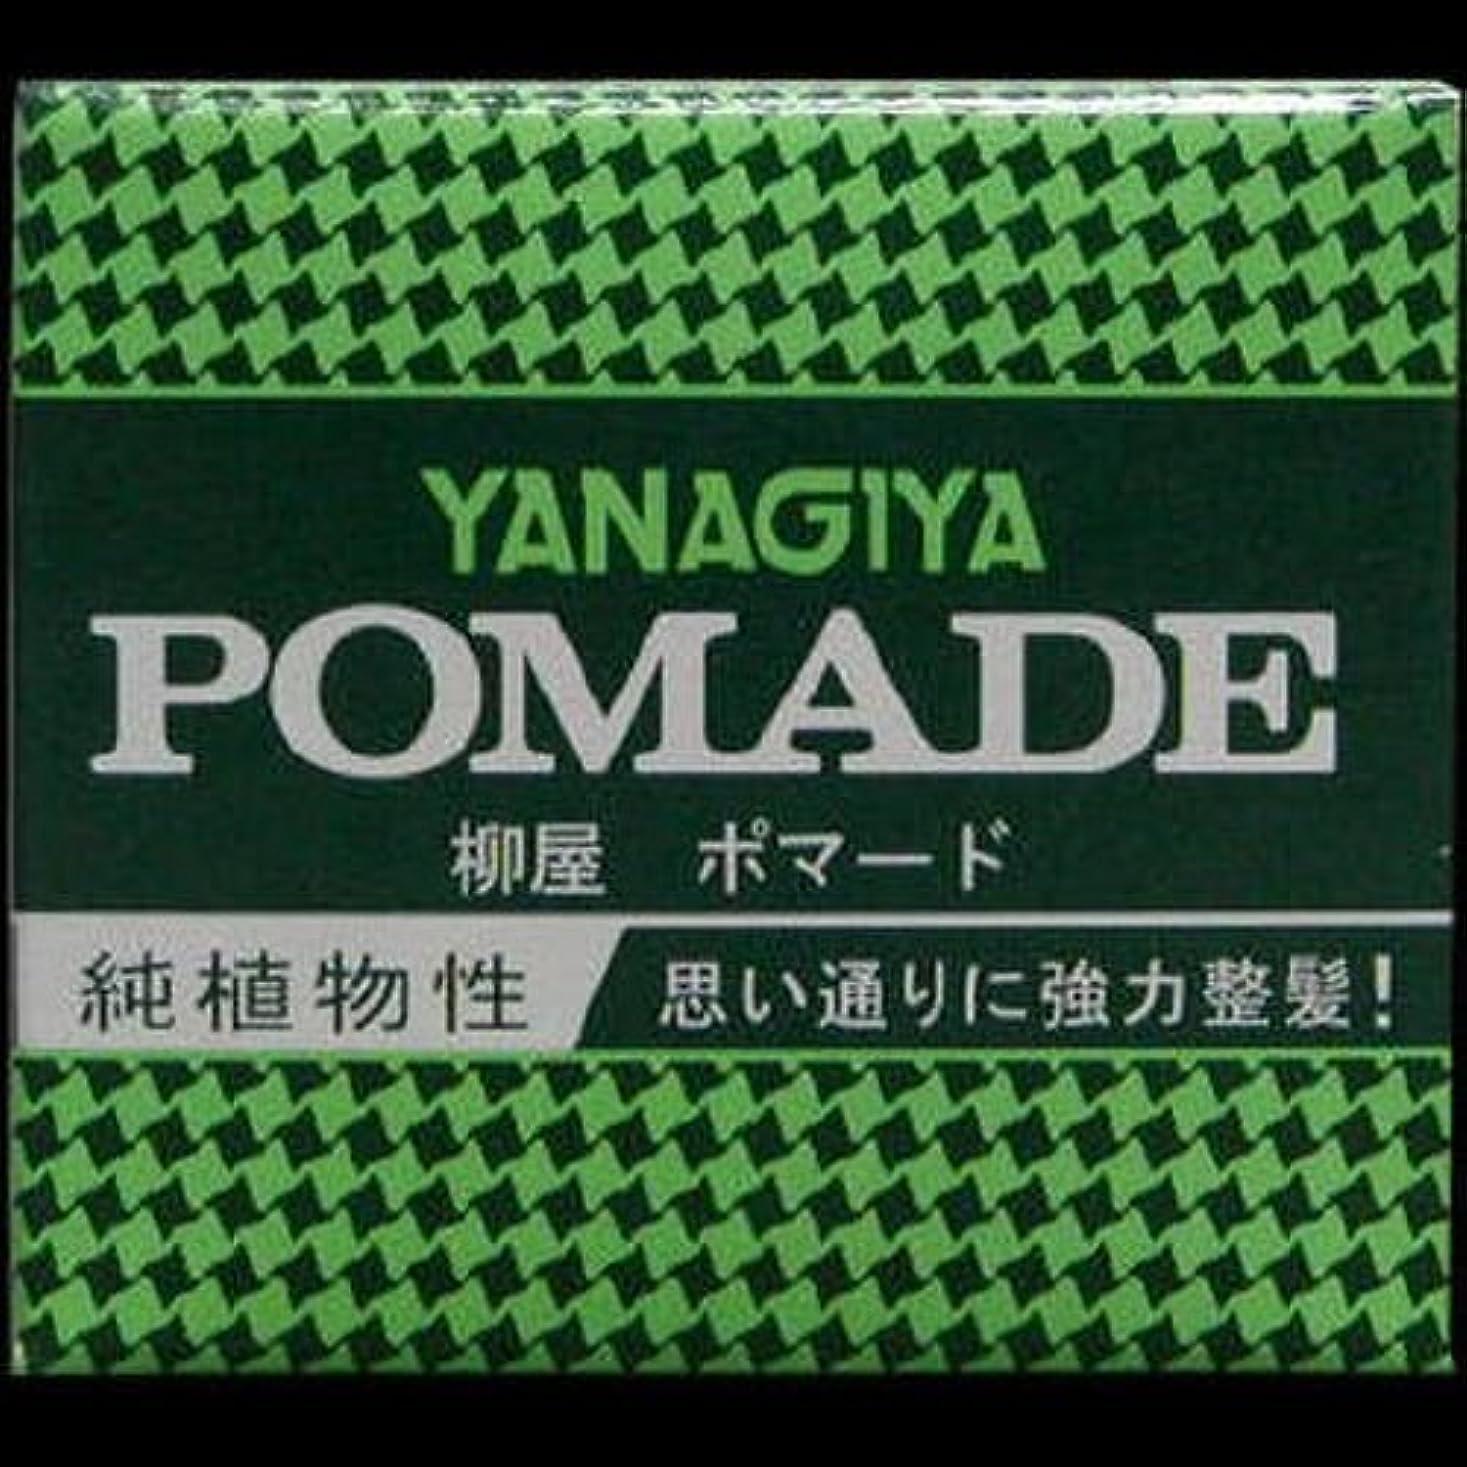 鹿大統領松【まとめ買い】柳屋 ポマード小 63g ×2セット